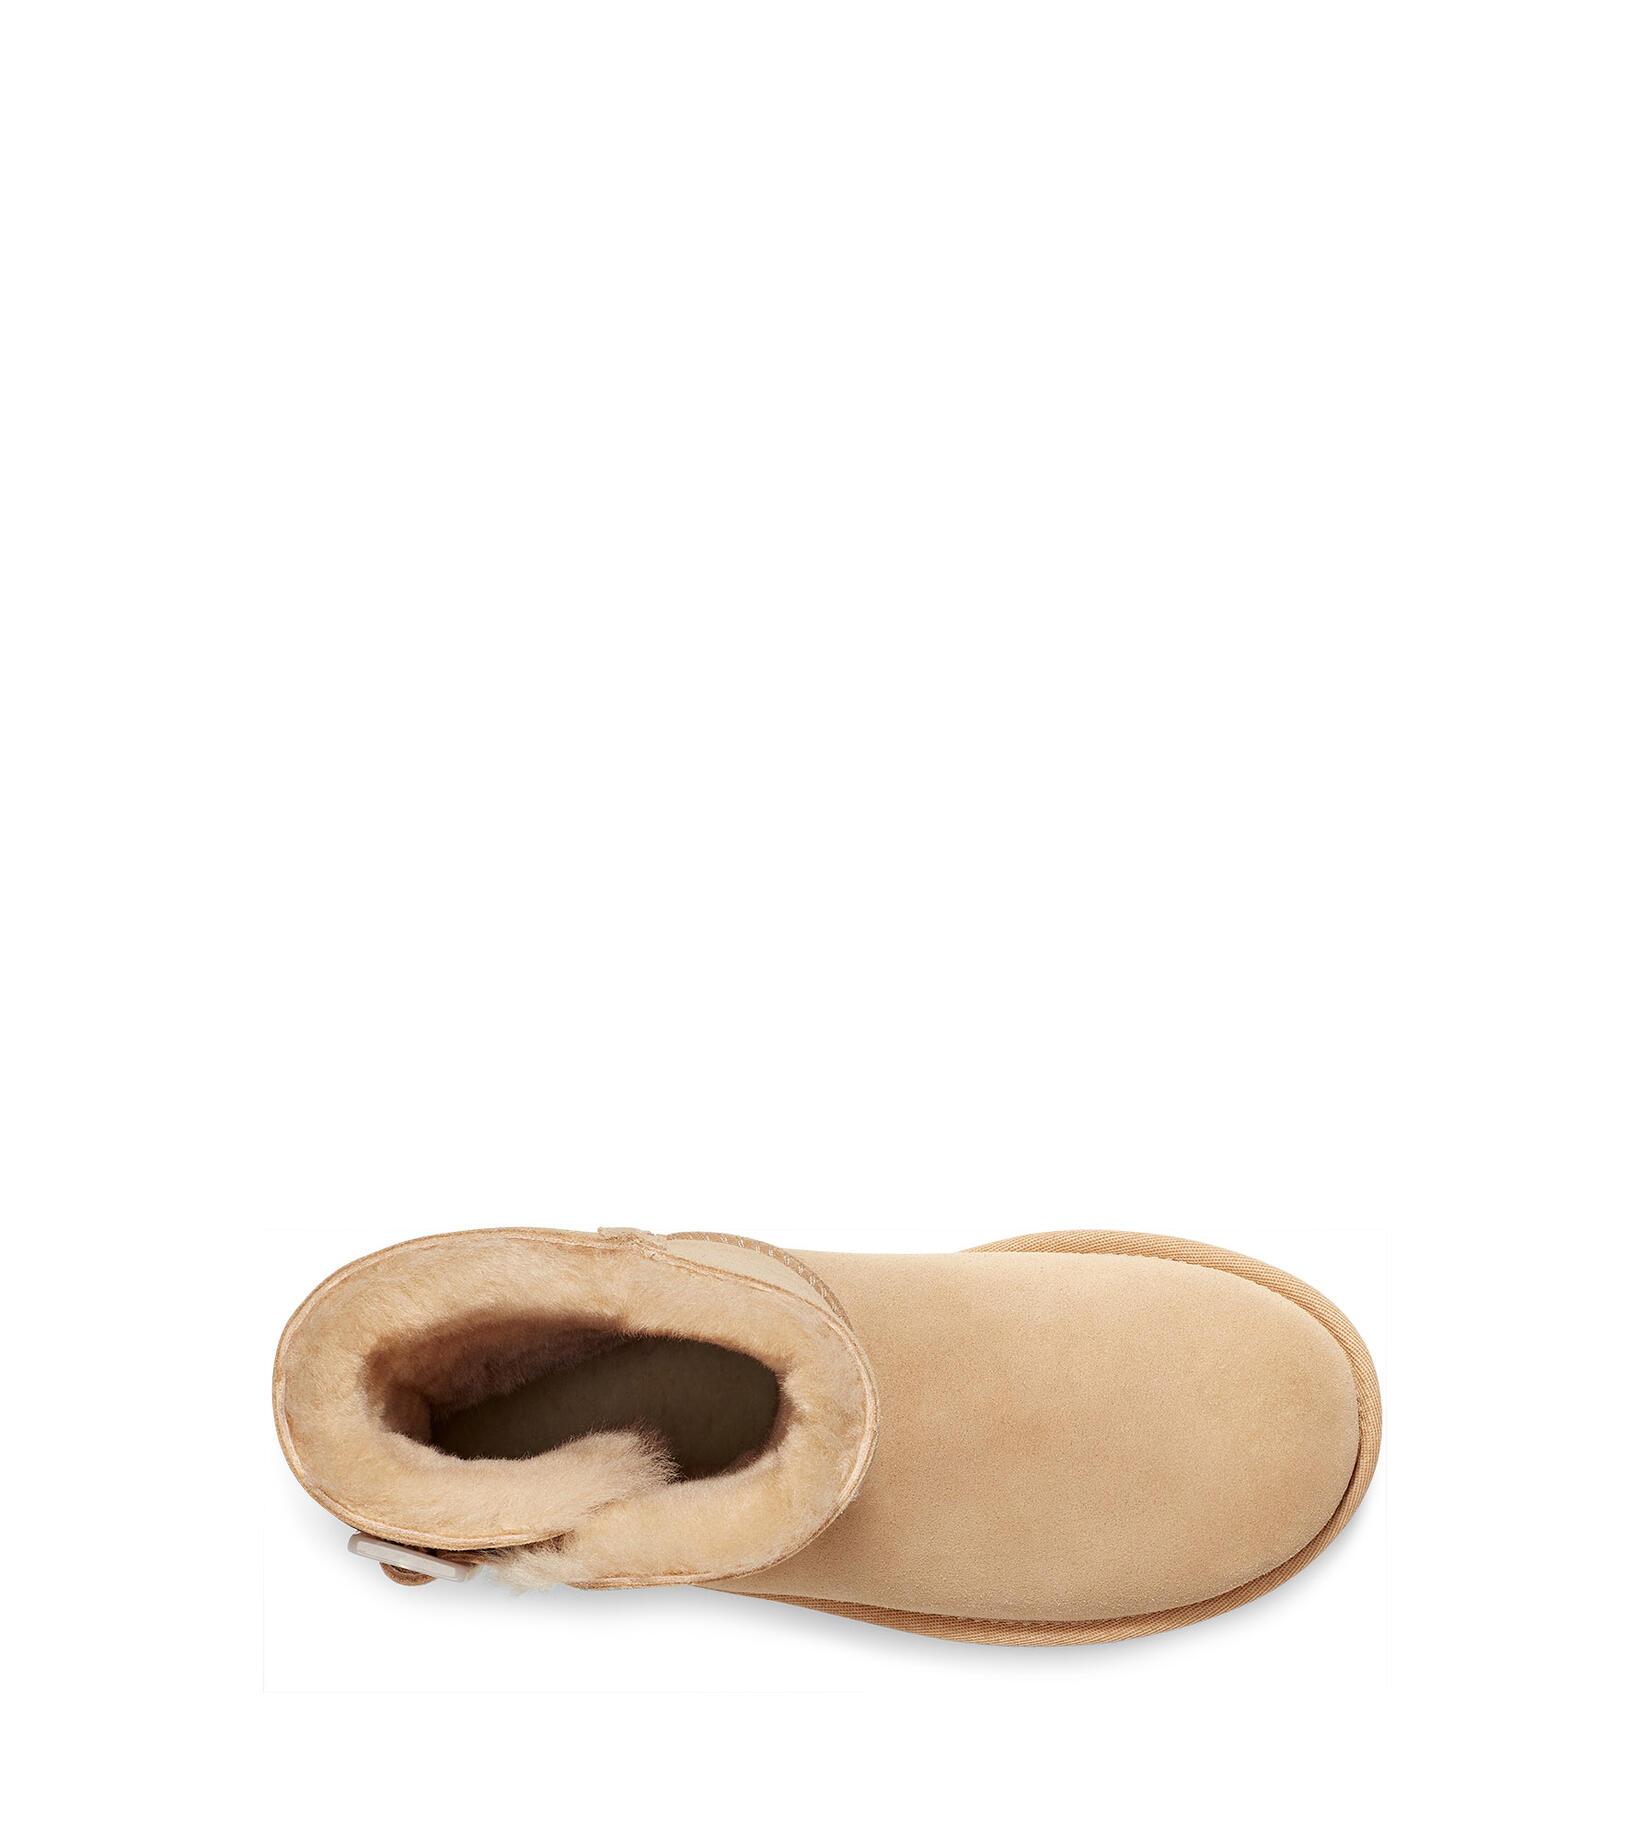 Bailey Fashion Buckle Stivali